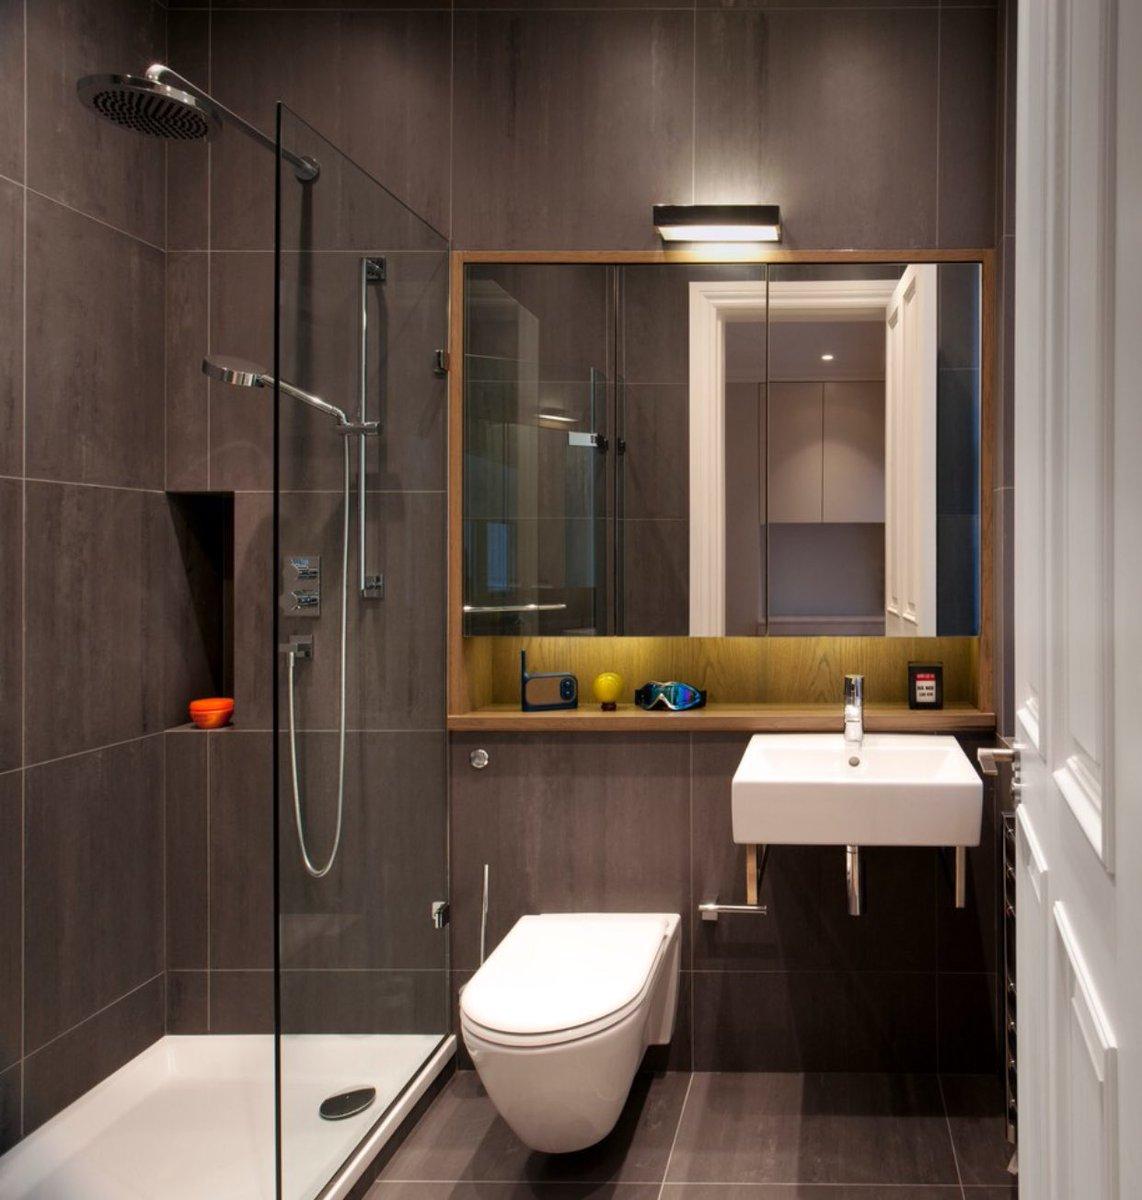 صور تصاميم حمامات , شاهد احدث تصاميم الحمامات العصرية